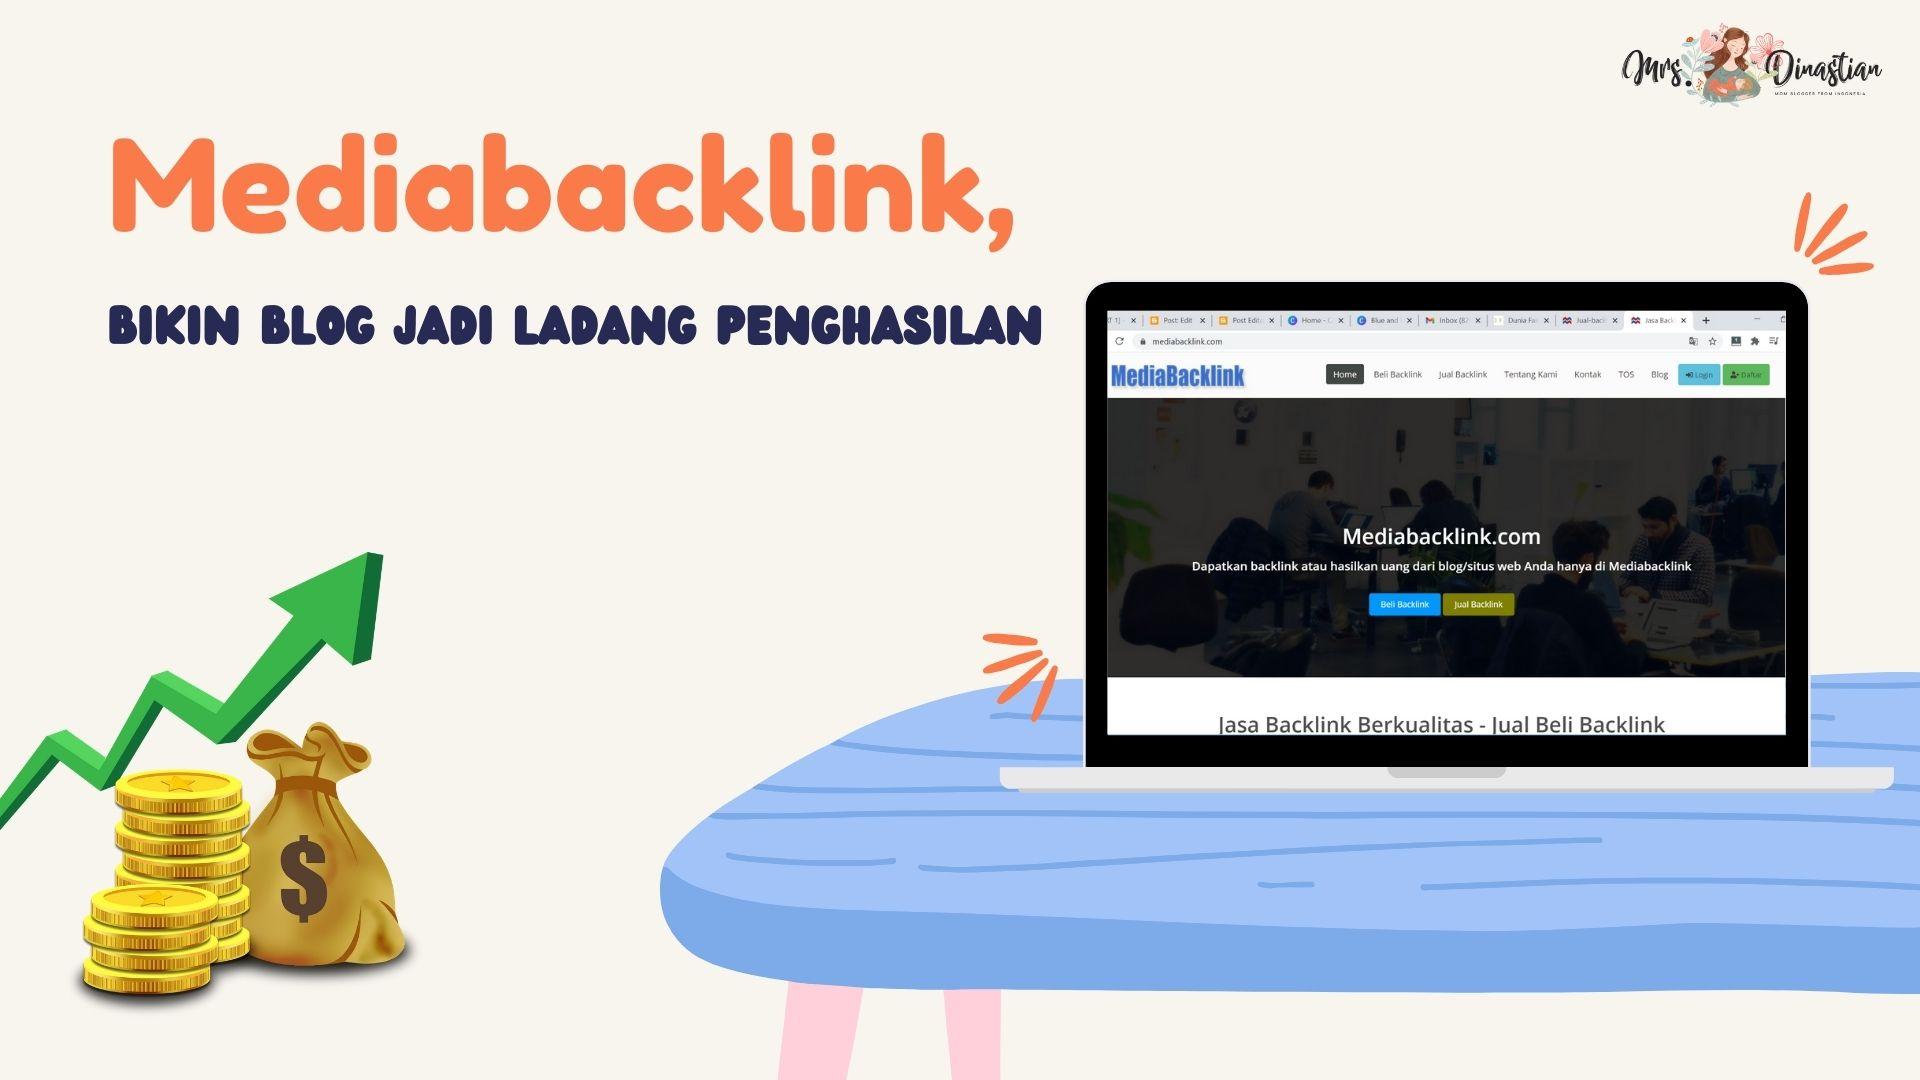 Review Mediabacklink, bikin blog jadi ladang penghasilan